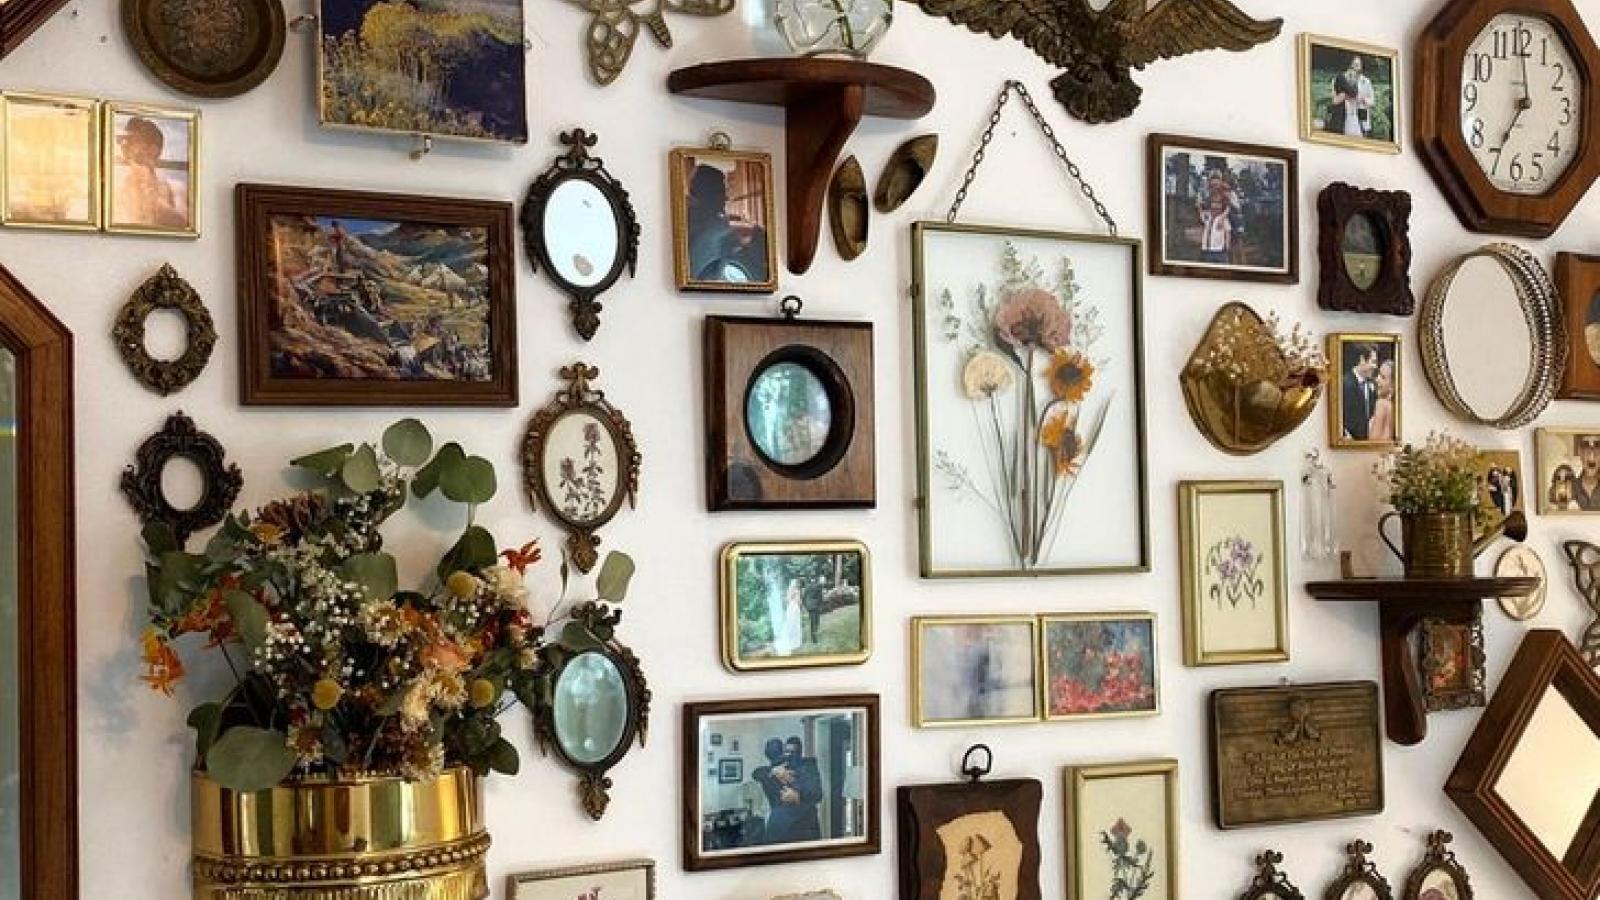 Nâng cấp ngôi nhà trở nên sành điệu bằng những món đồ cũ